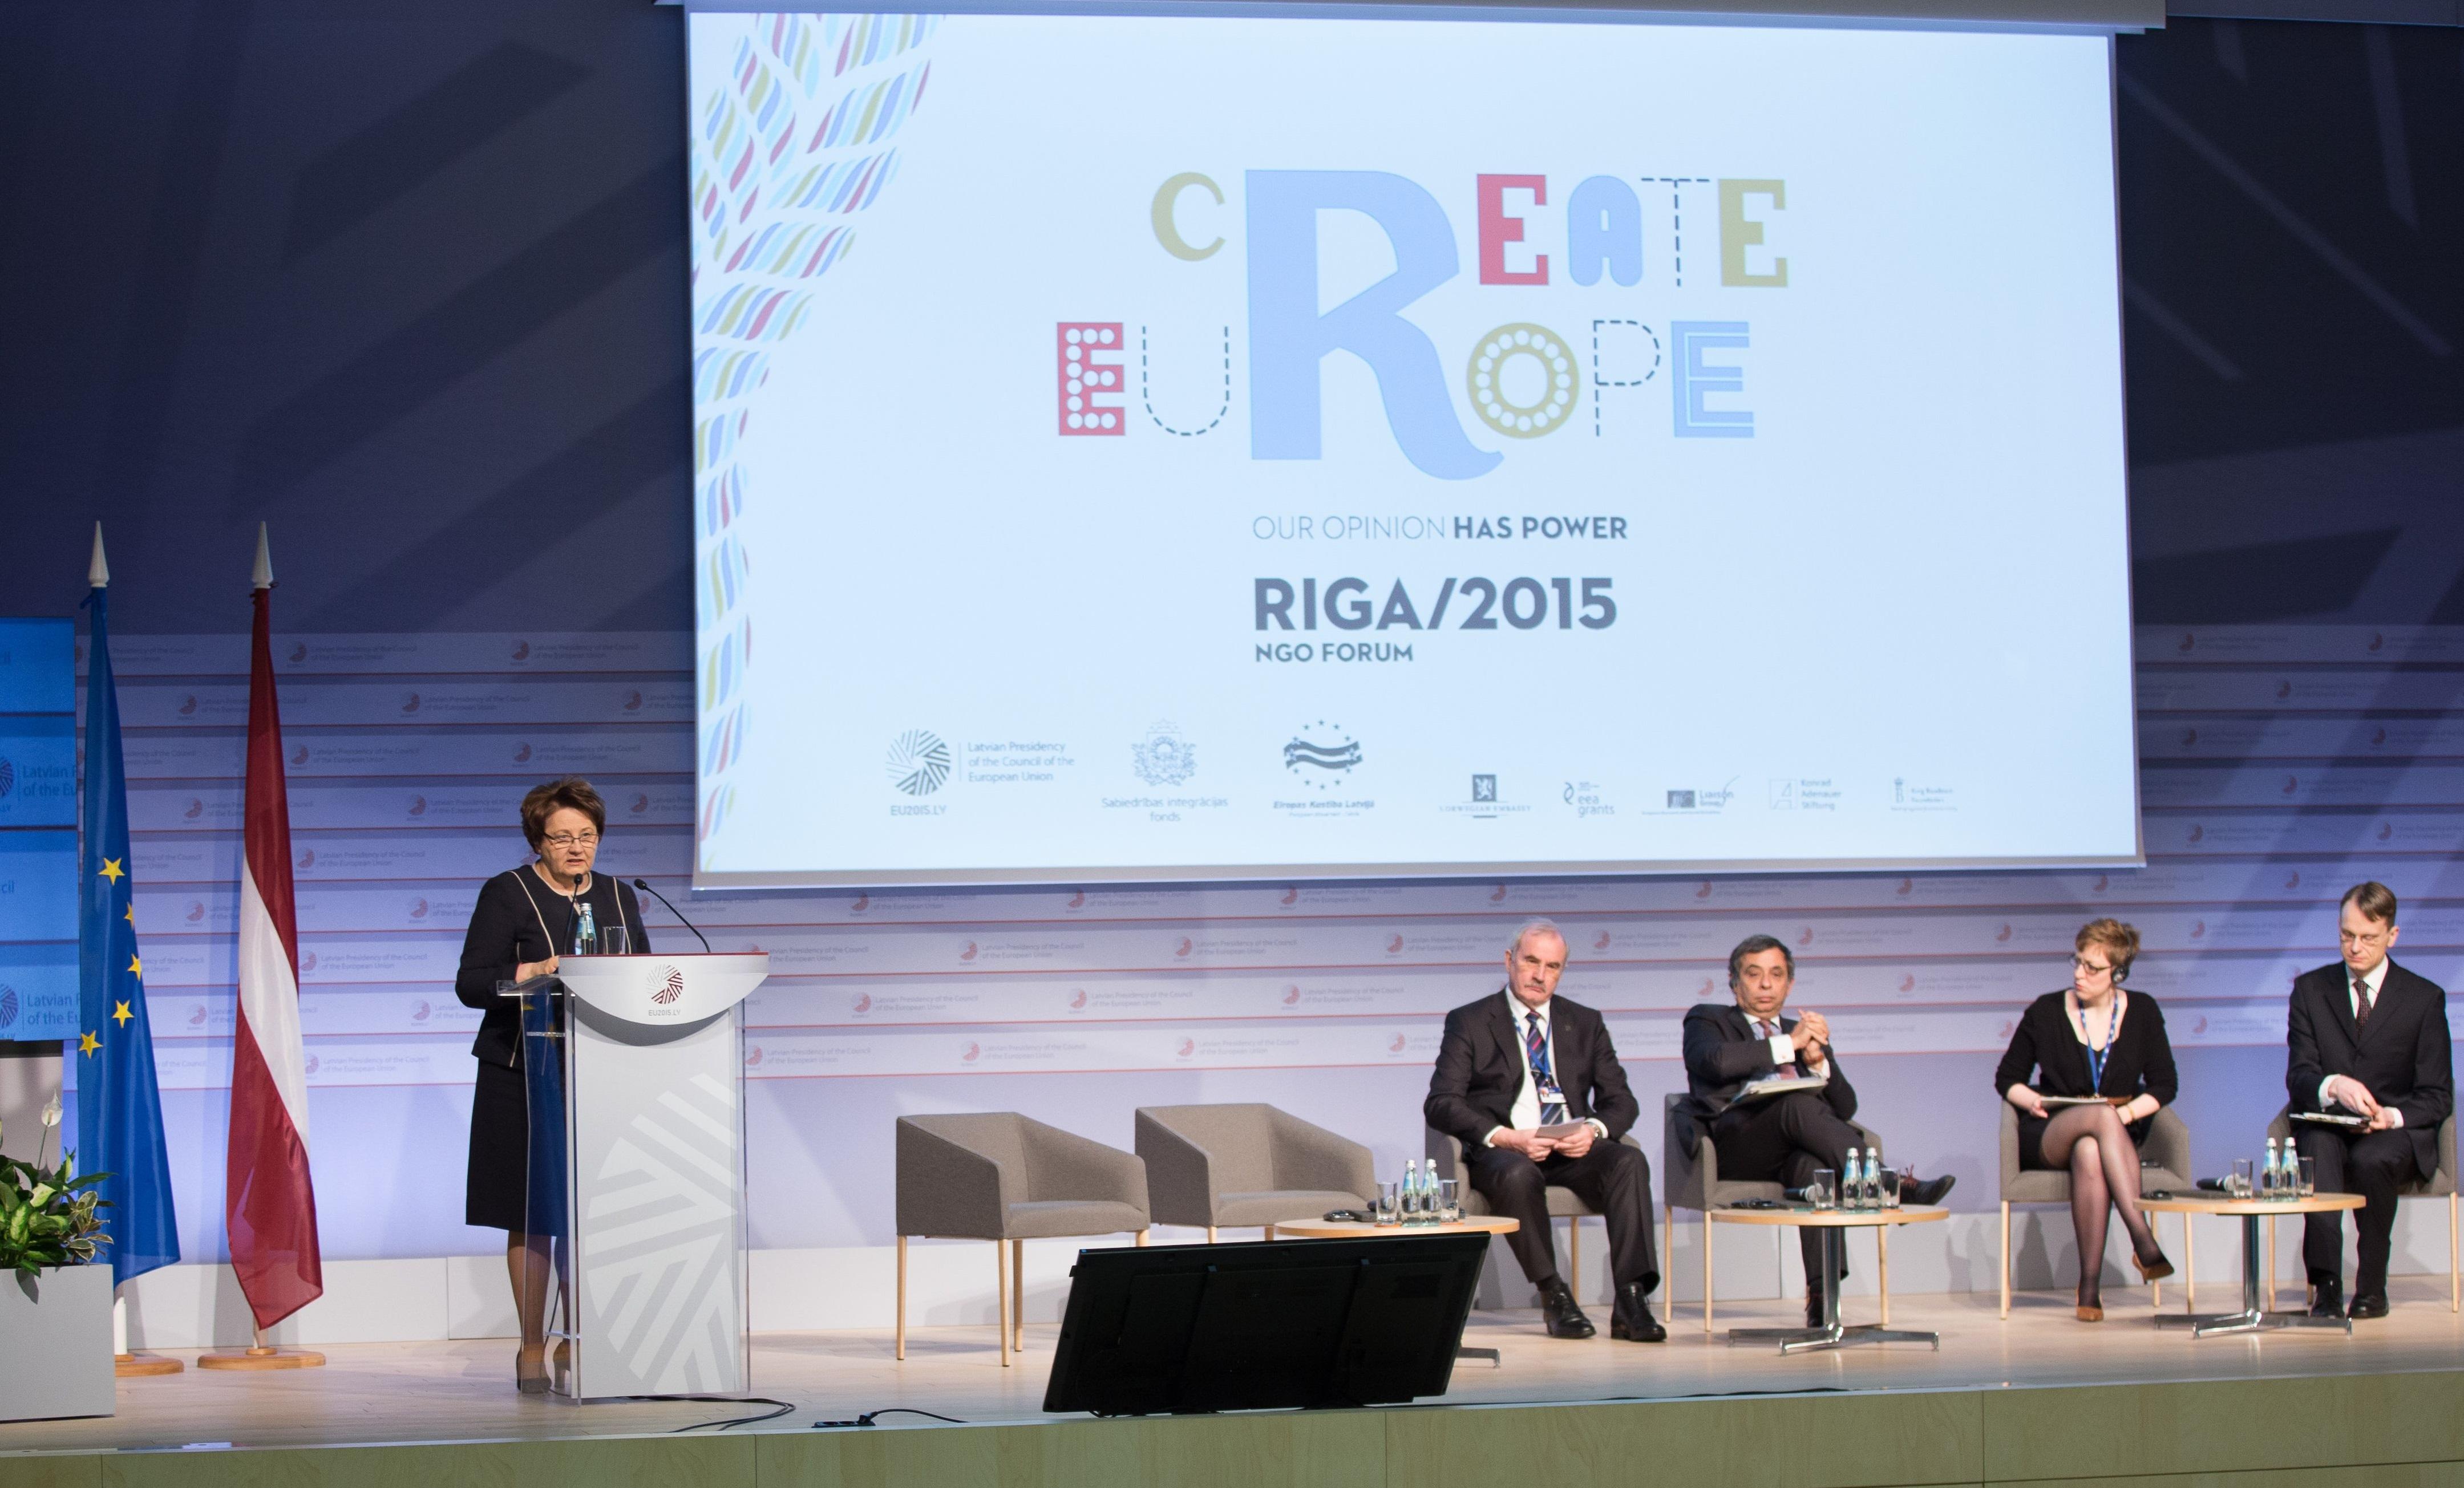 Zivilgesellschaft einbinden heißt Demokratie stärken – NGO Forum Riga 2015